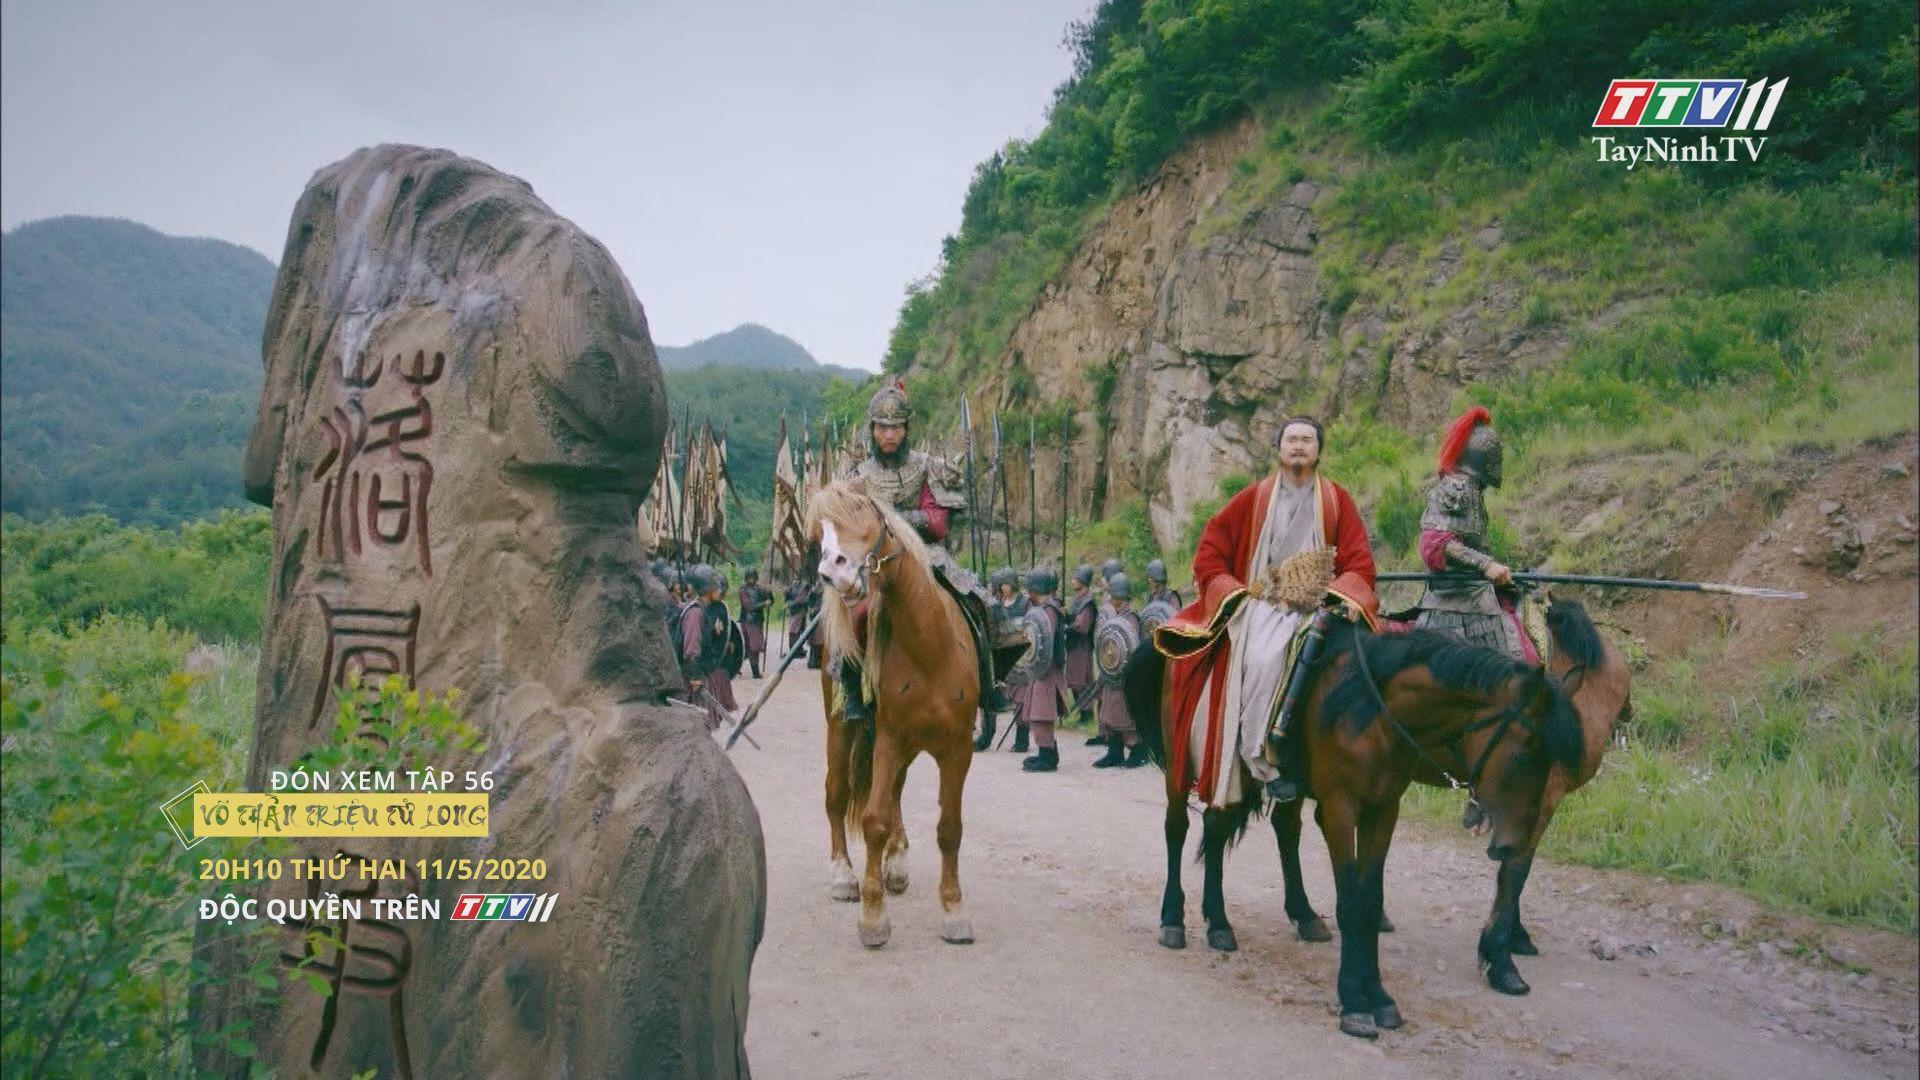 Trailer - VÕ THẦN TRIỆU TỬ LONG - TẬP 56 | Võ thần Triệu Tử Long | TayNinhTV